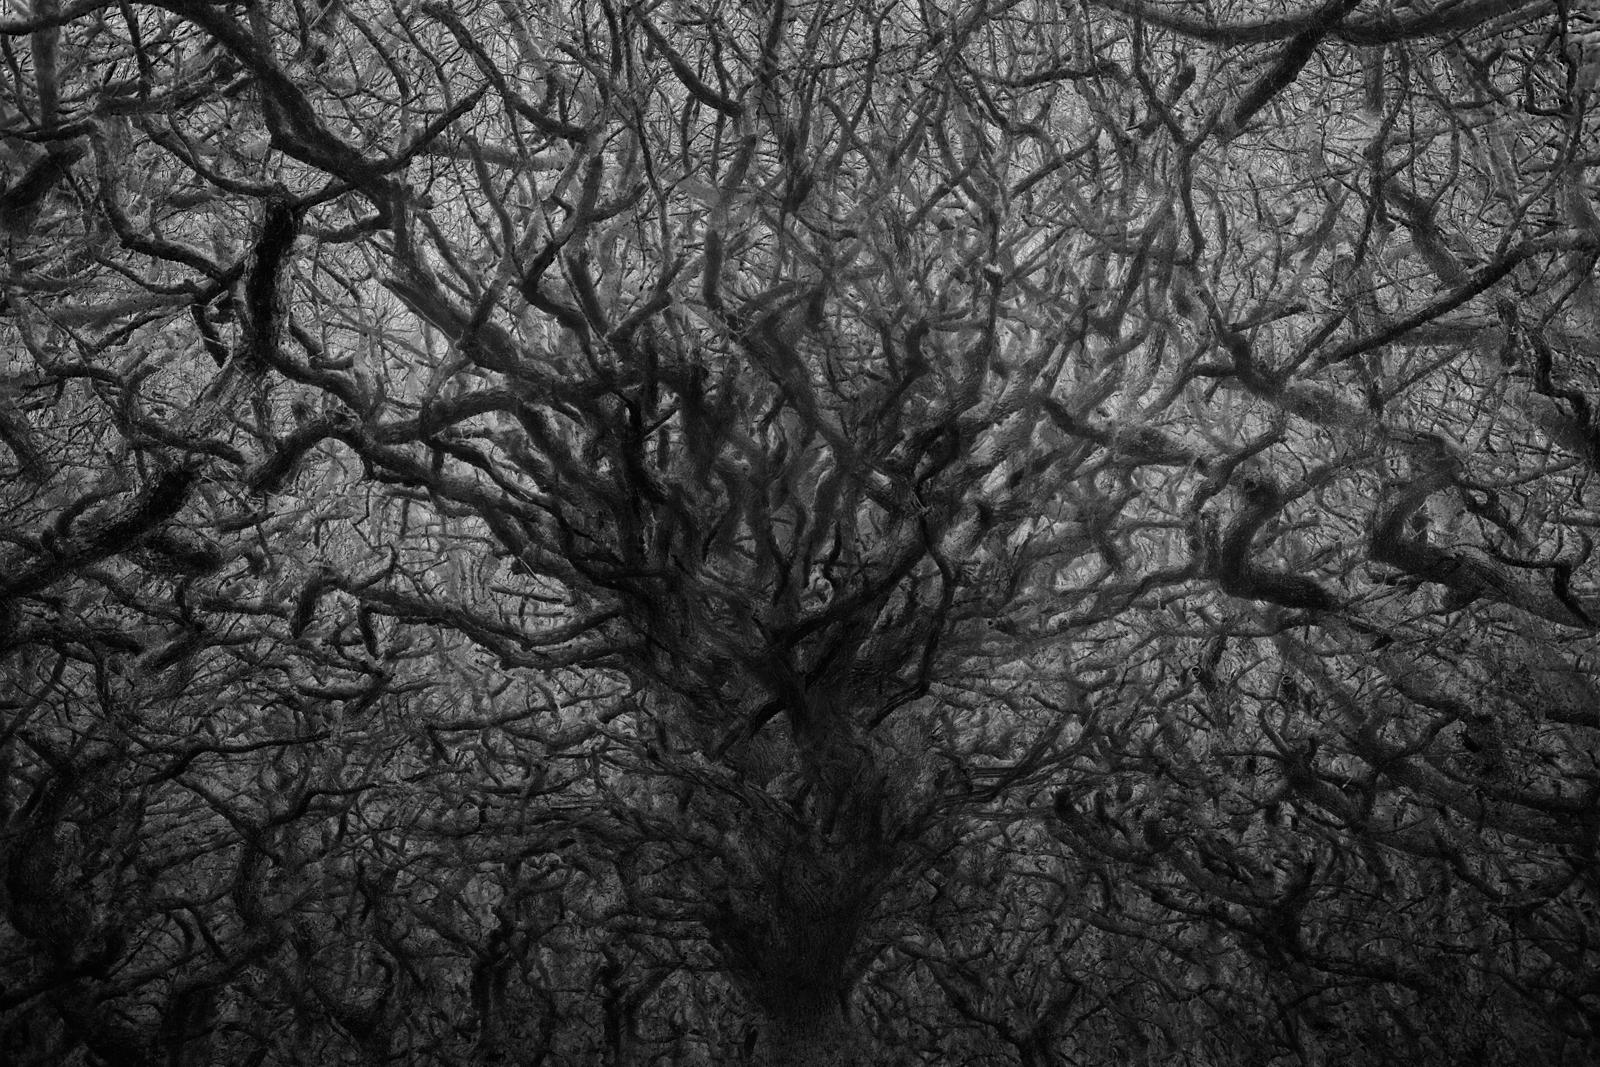 tree 20 lighter contrast.jpg